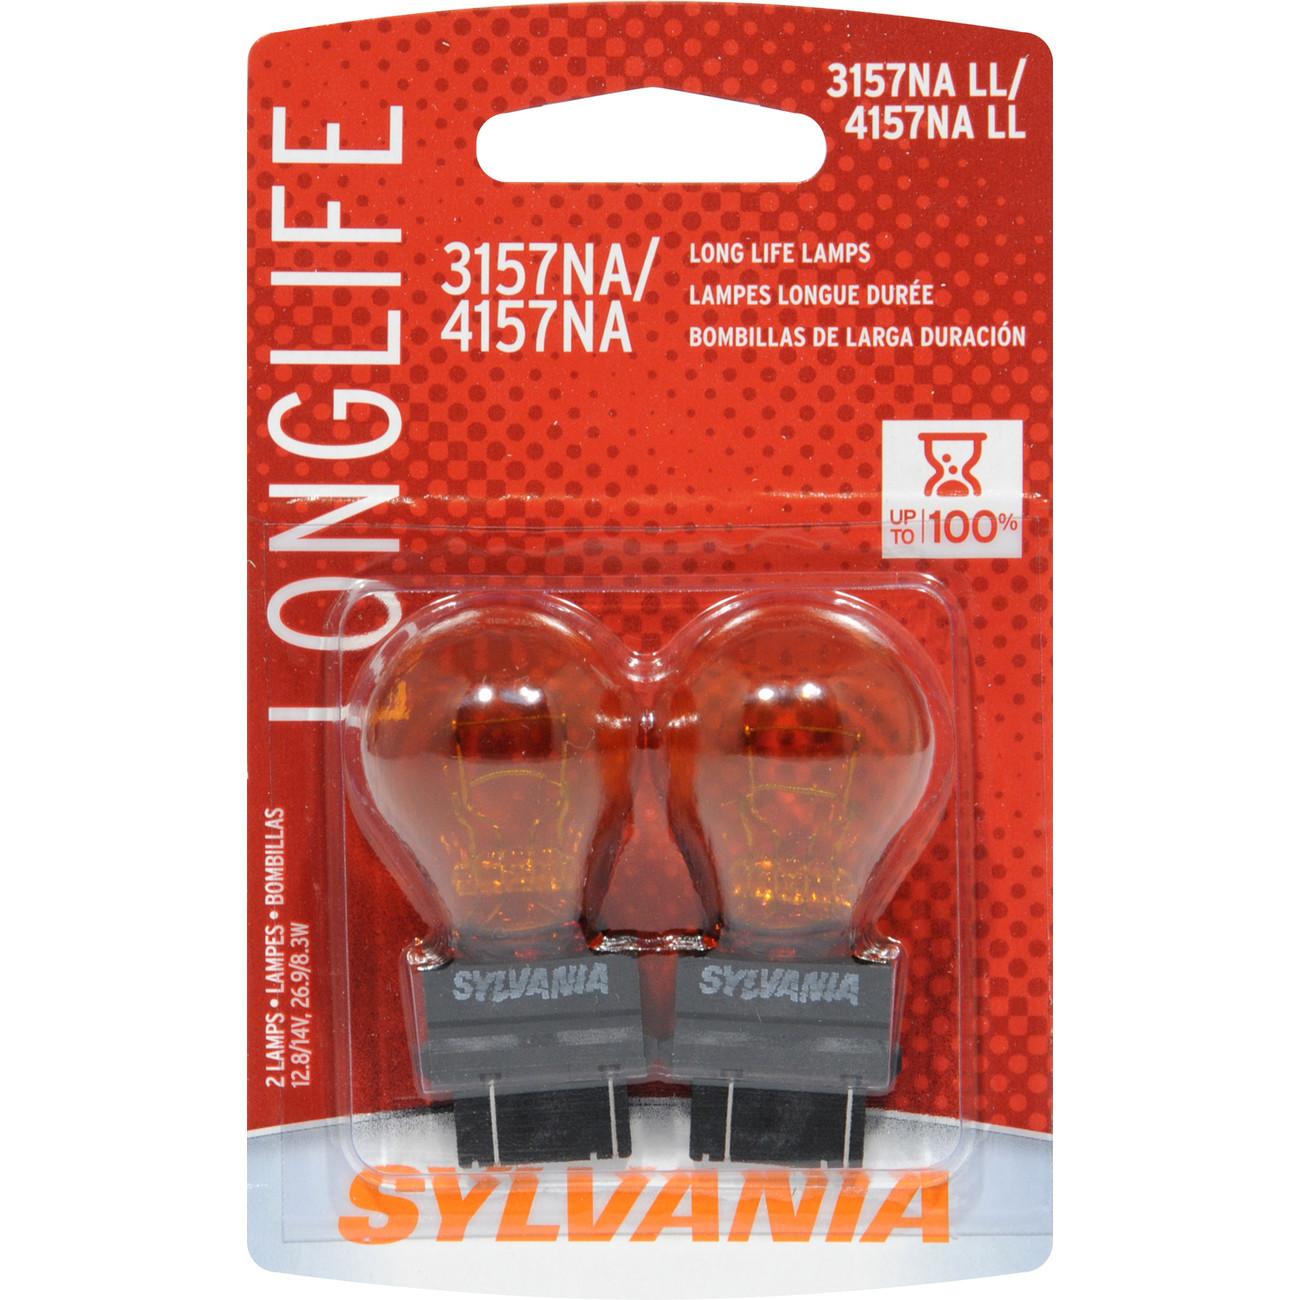 SYLVANIA RETAIL PACKS - Long Life Blister Pack Twin Daytime Running Light Bulb - SYR 4157NALL.BP2